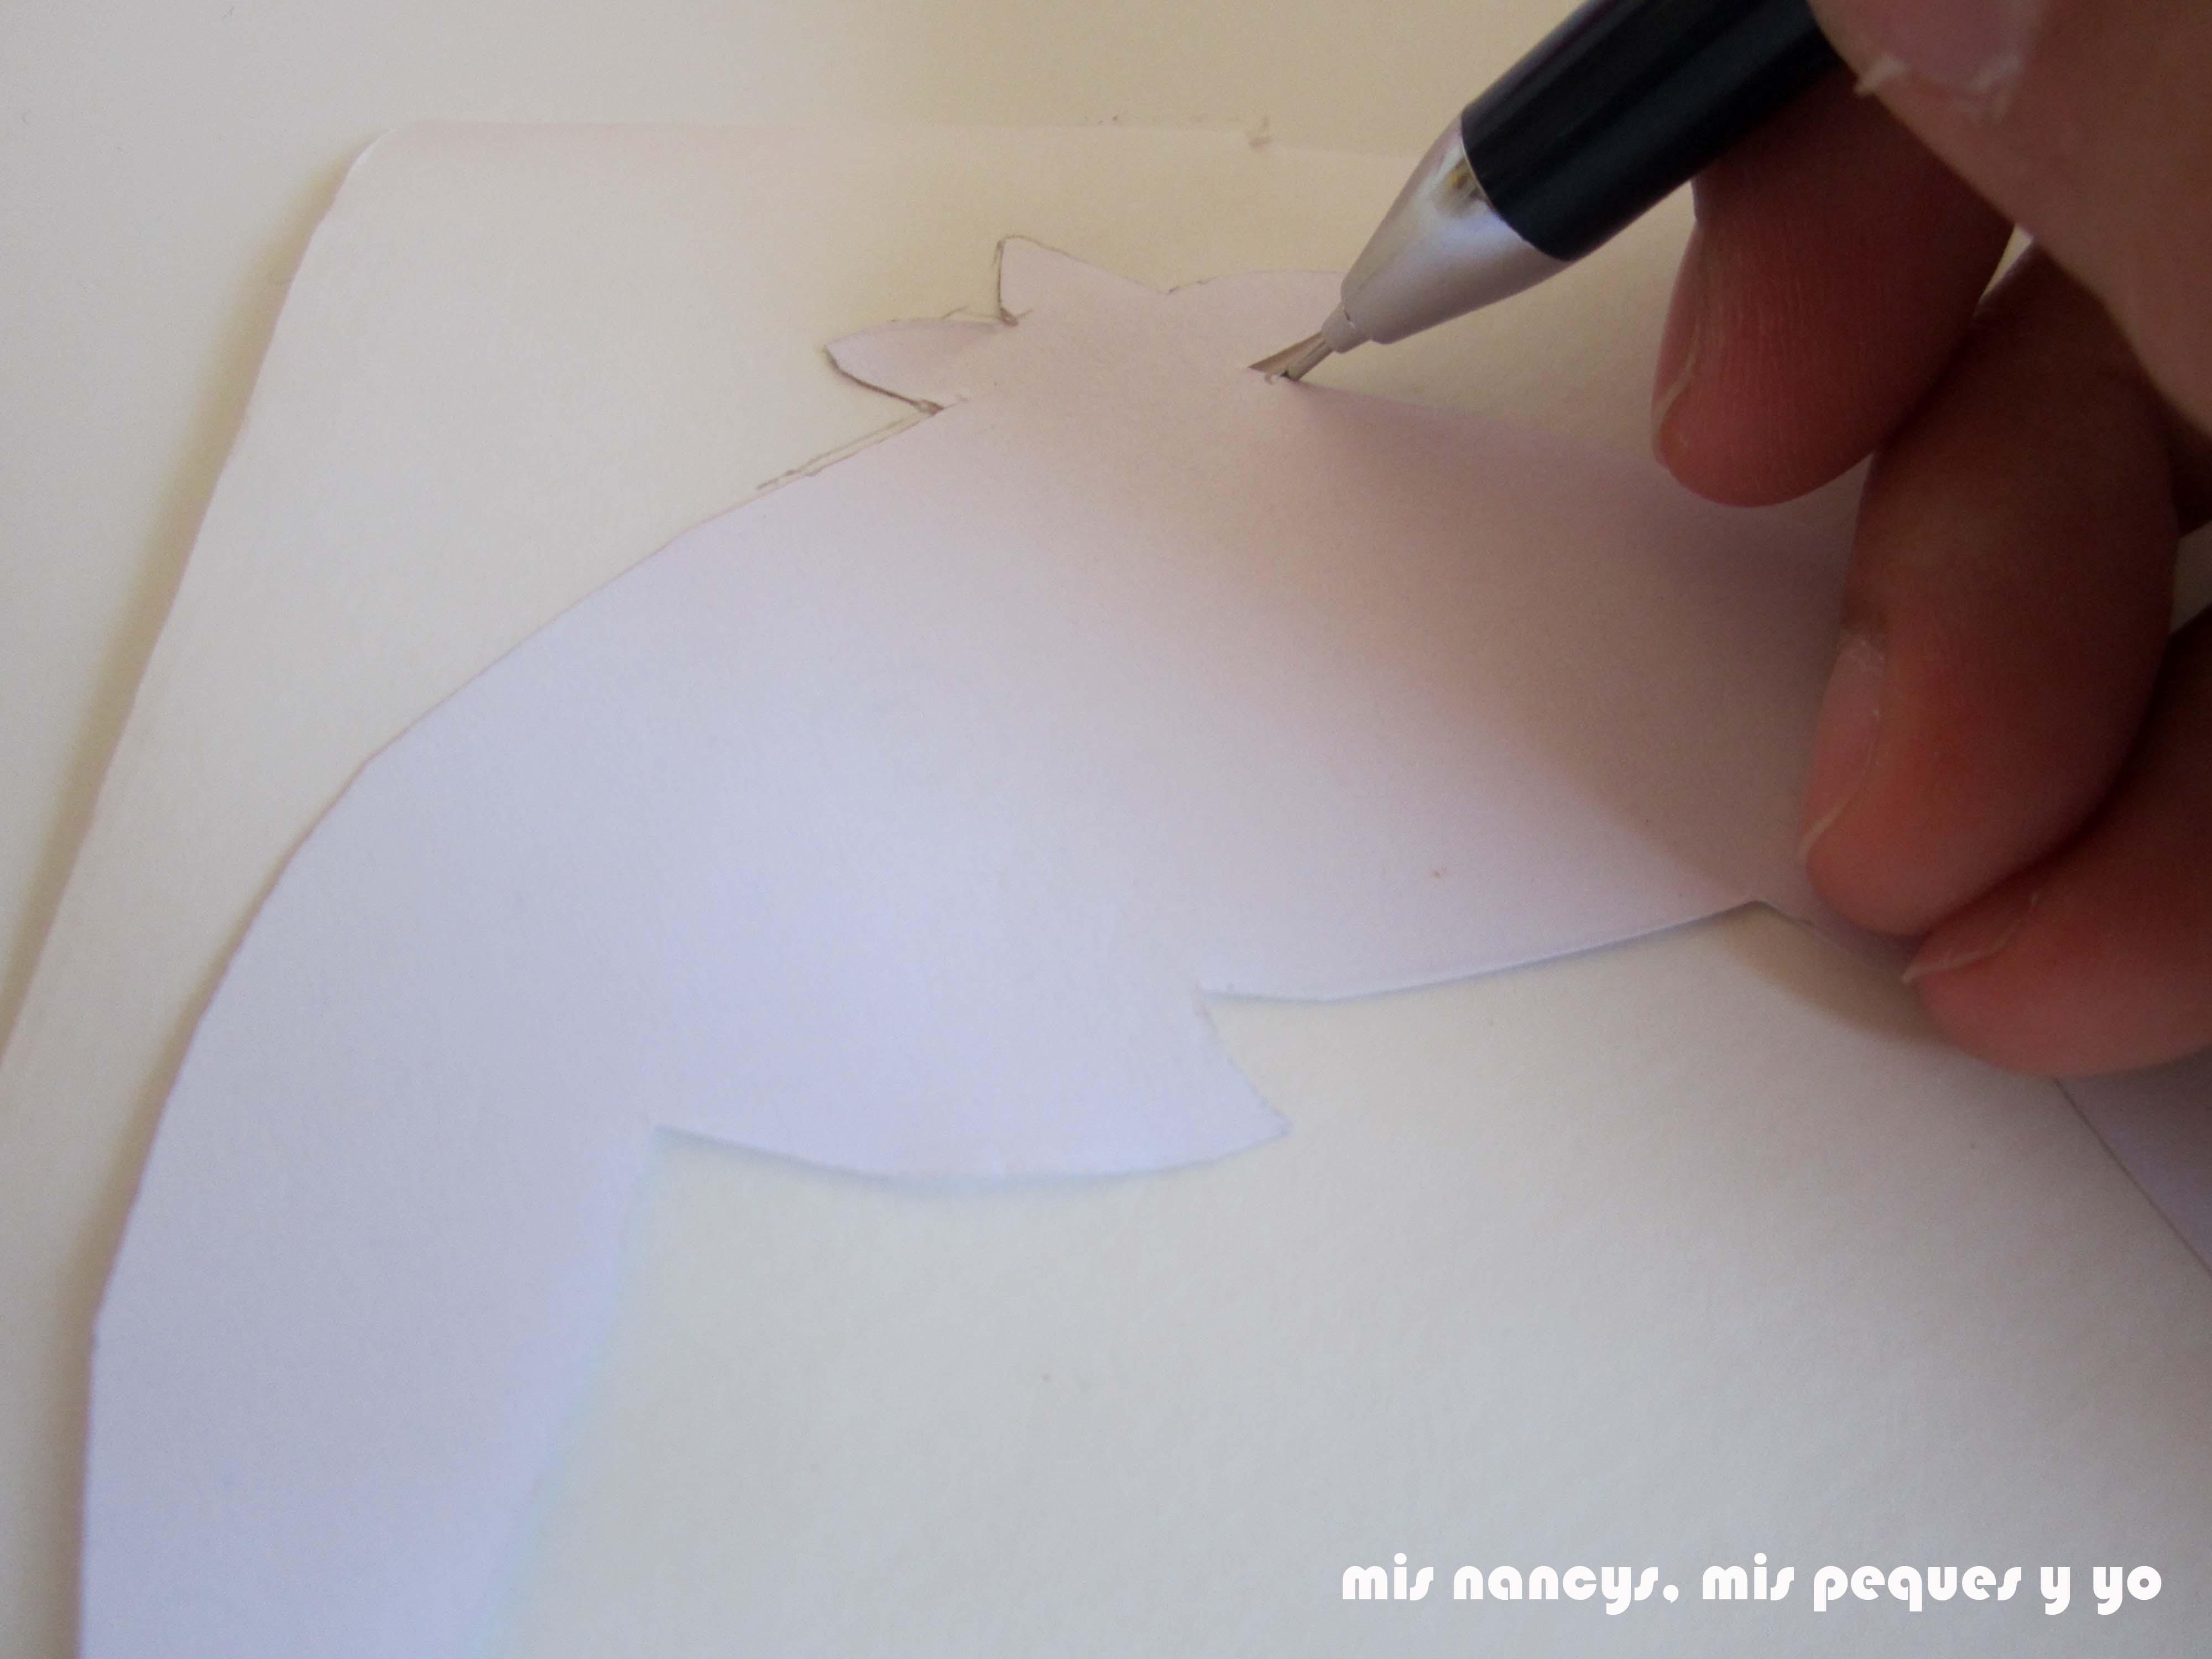 mis nancys, mis peques y yo, tutorial aplique en camiseta muñequita, dibujar sobre la flixelina